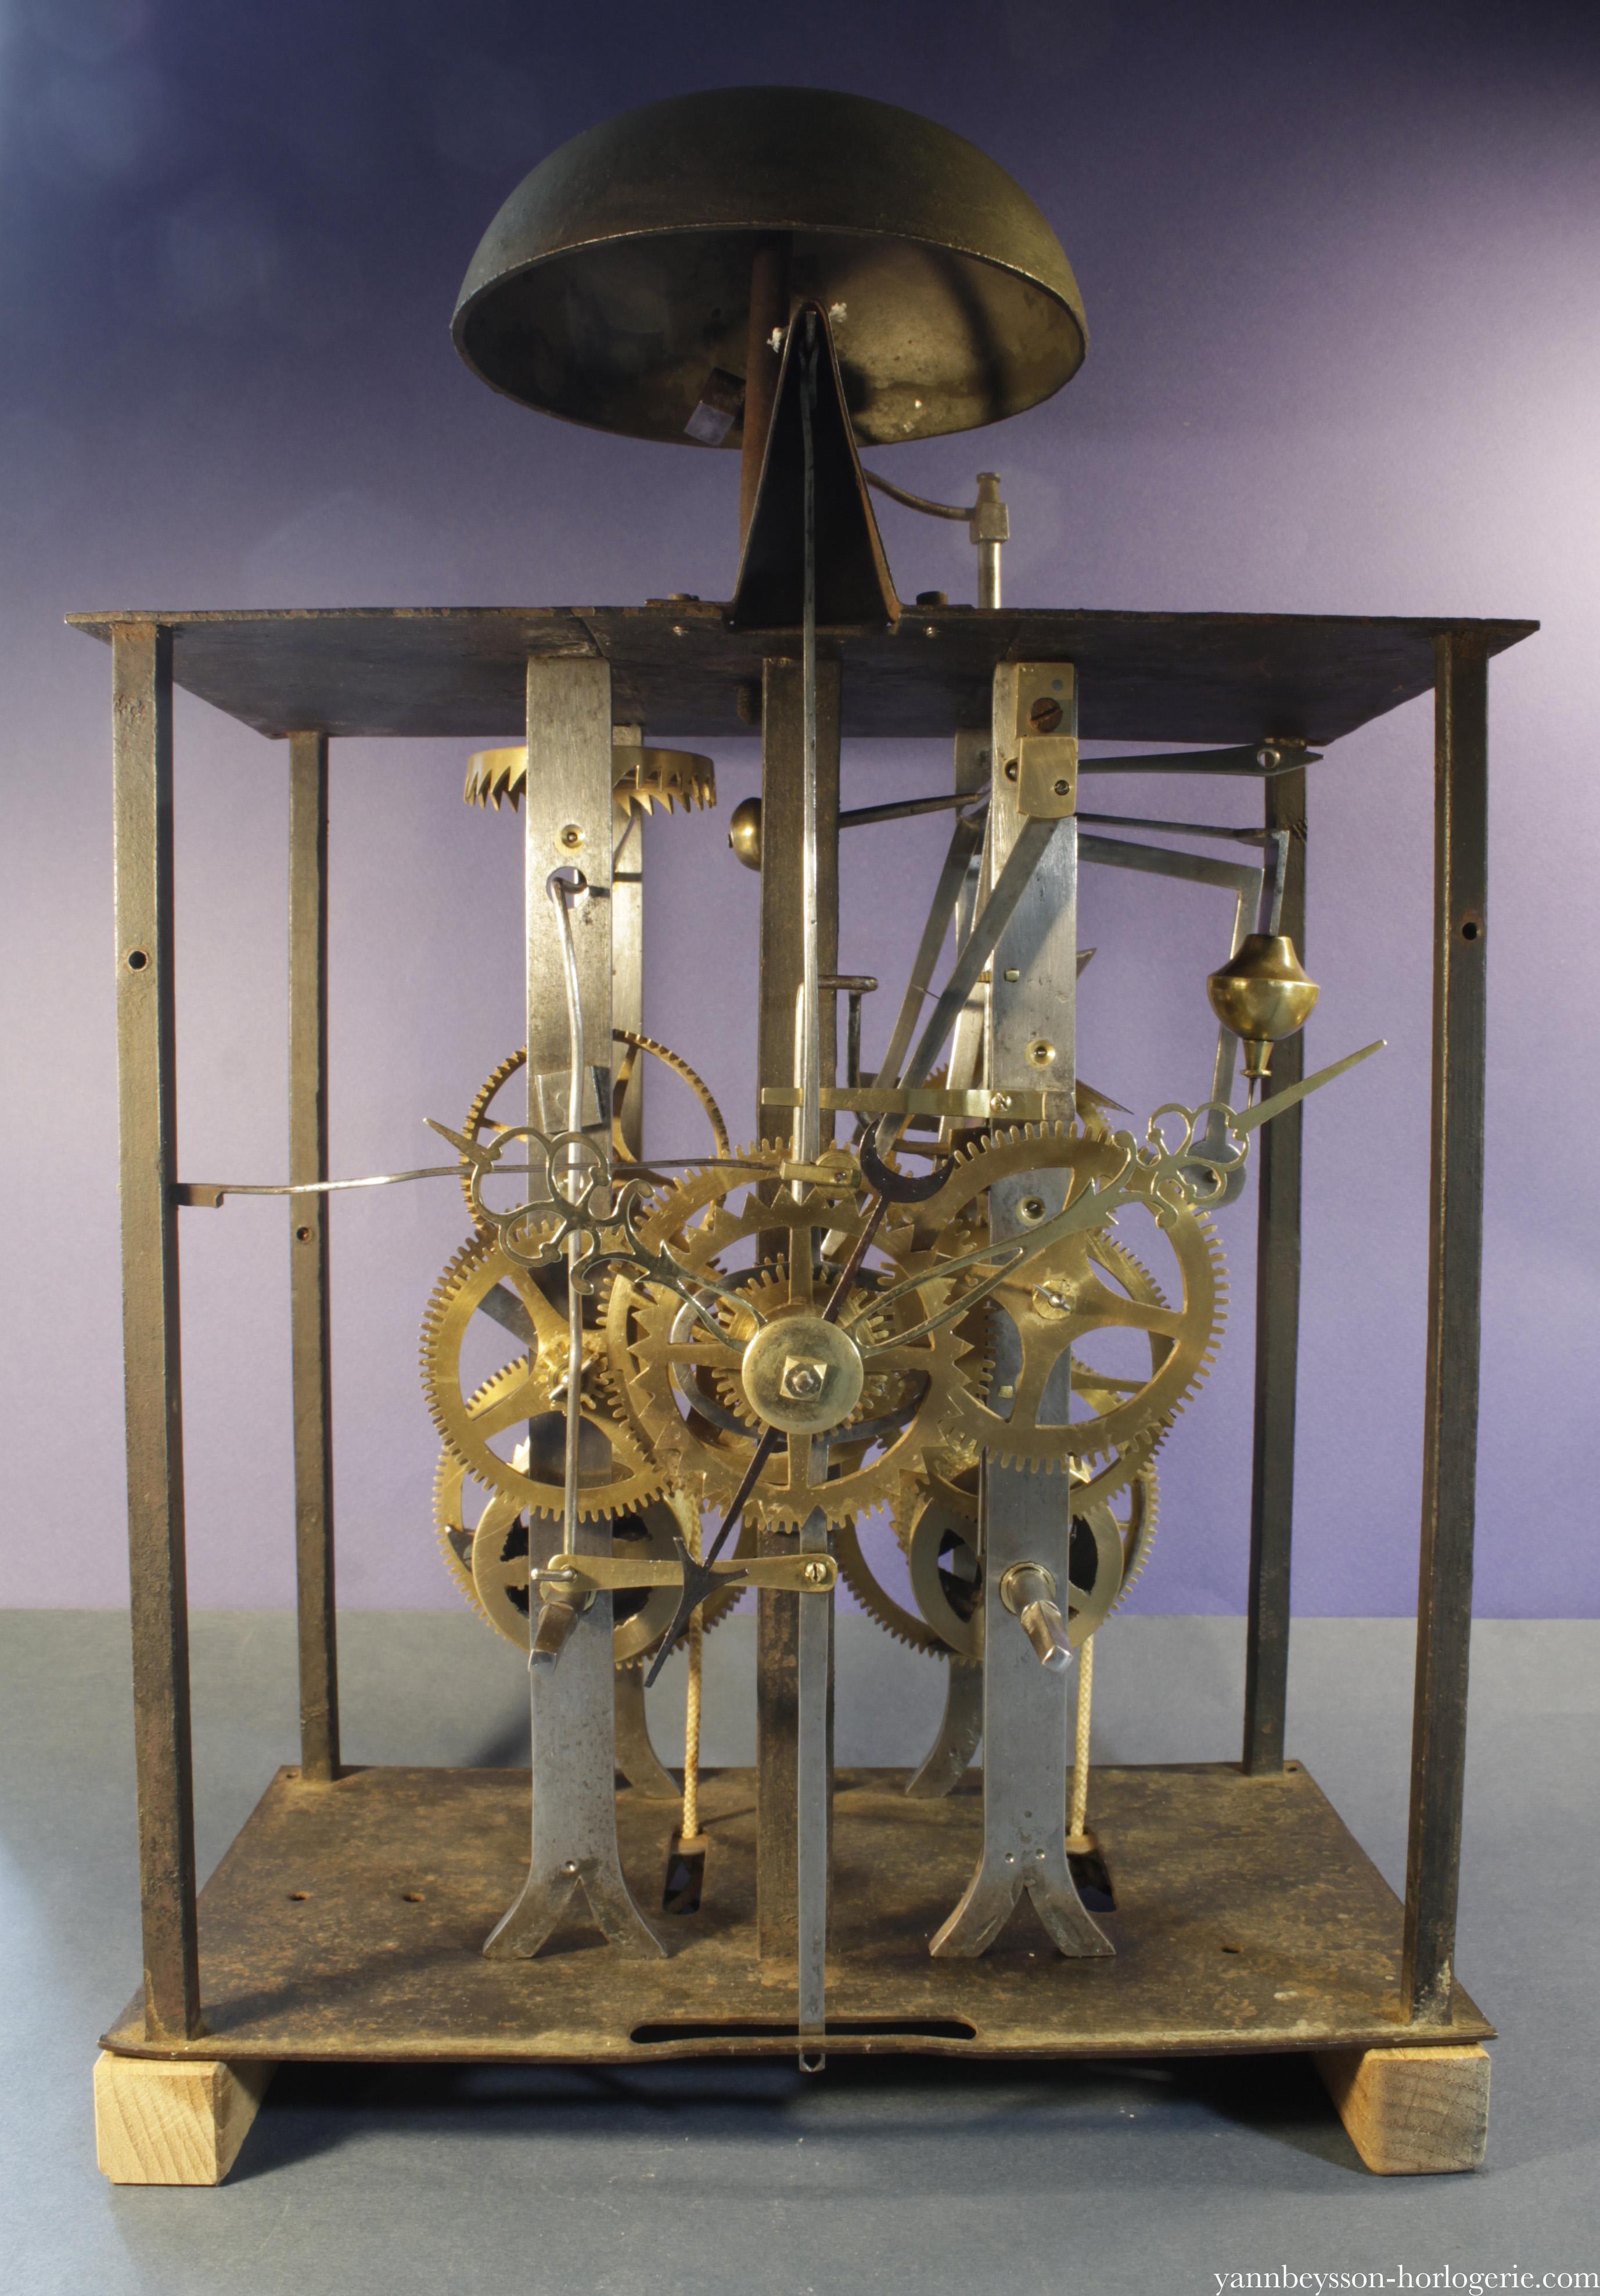 comtoise-mecanisme-restauration-yann-beysson-horlogerie